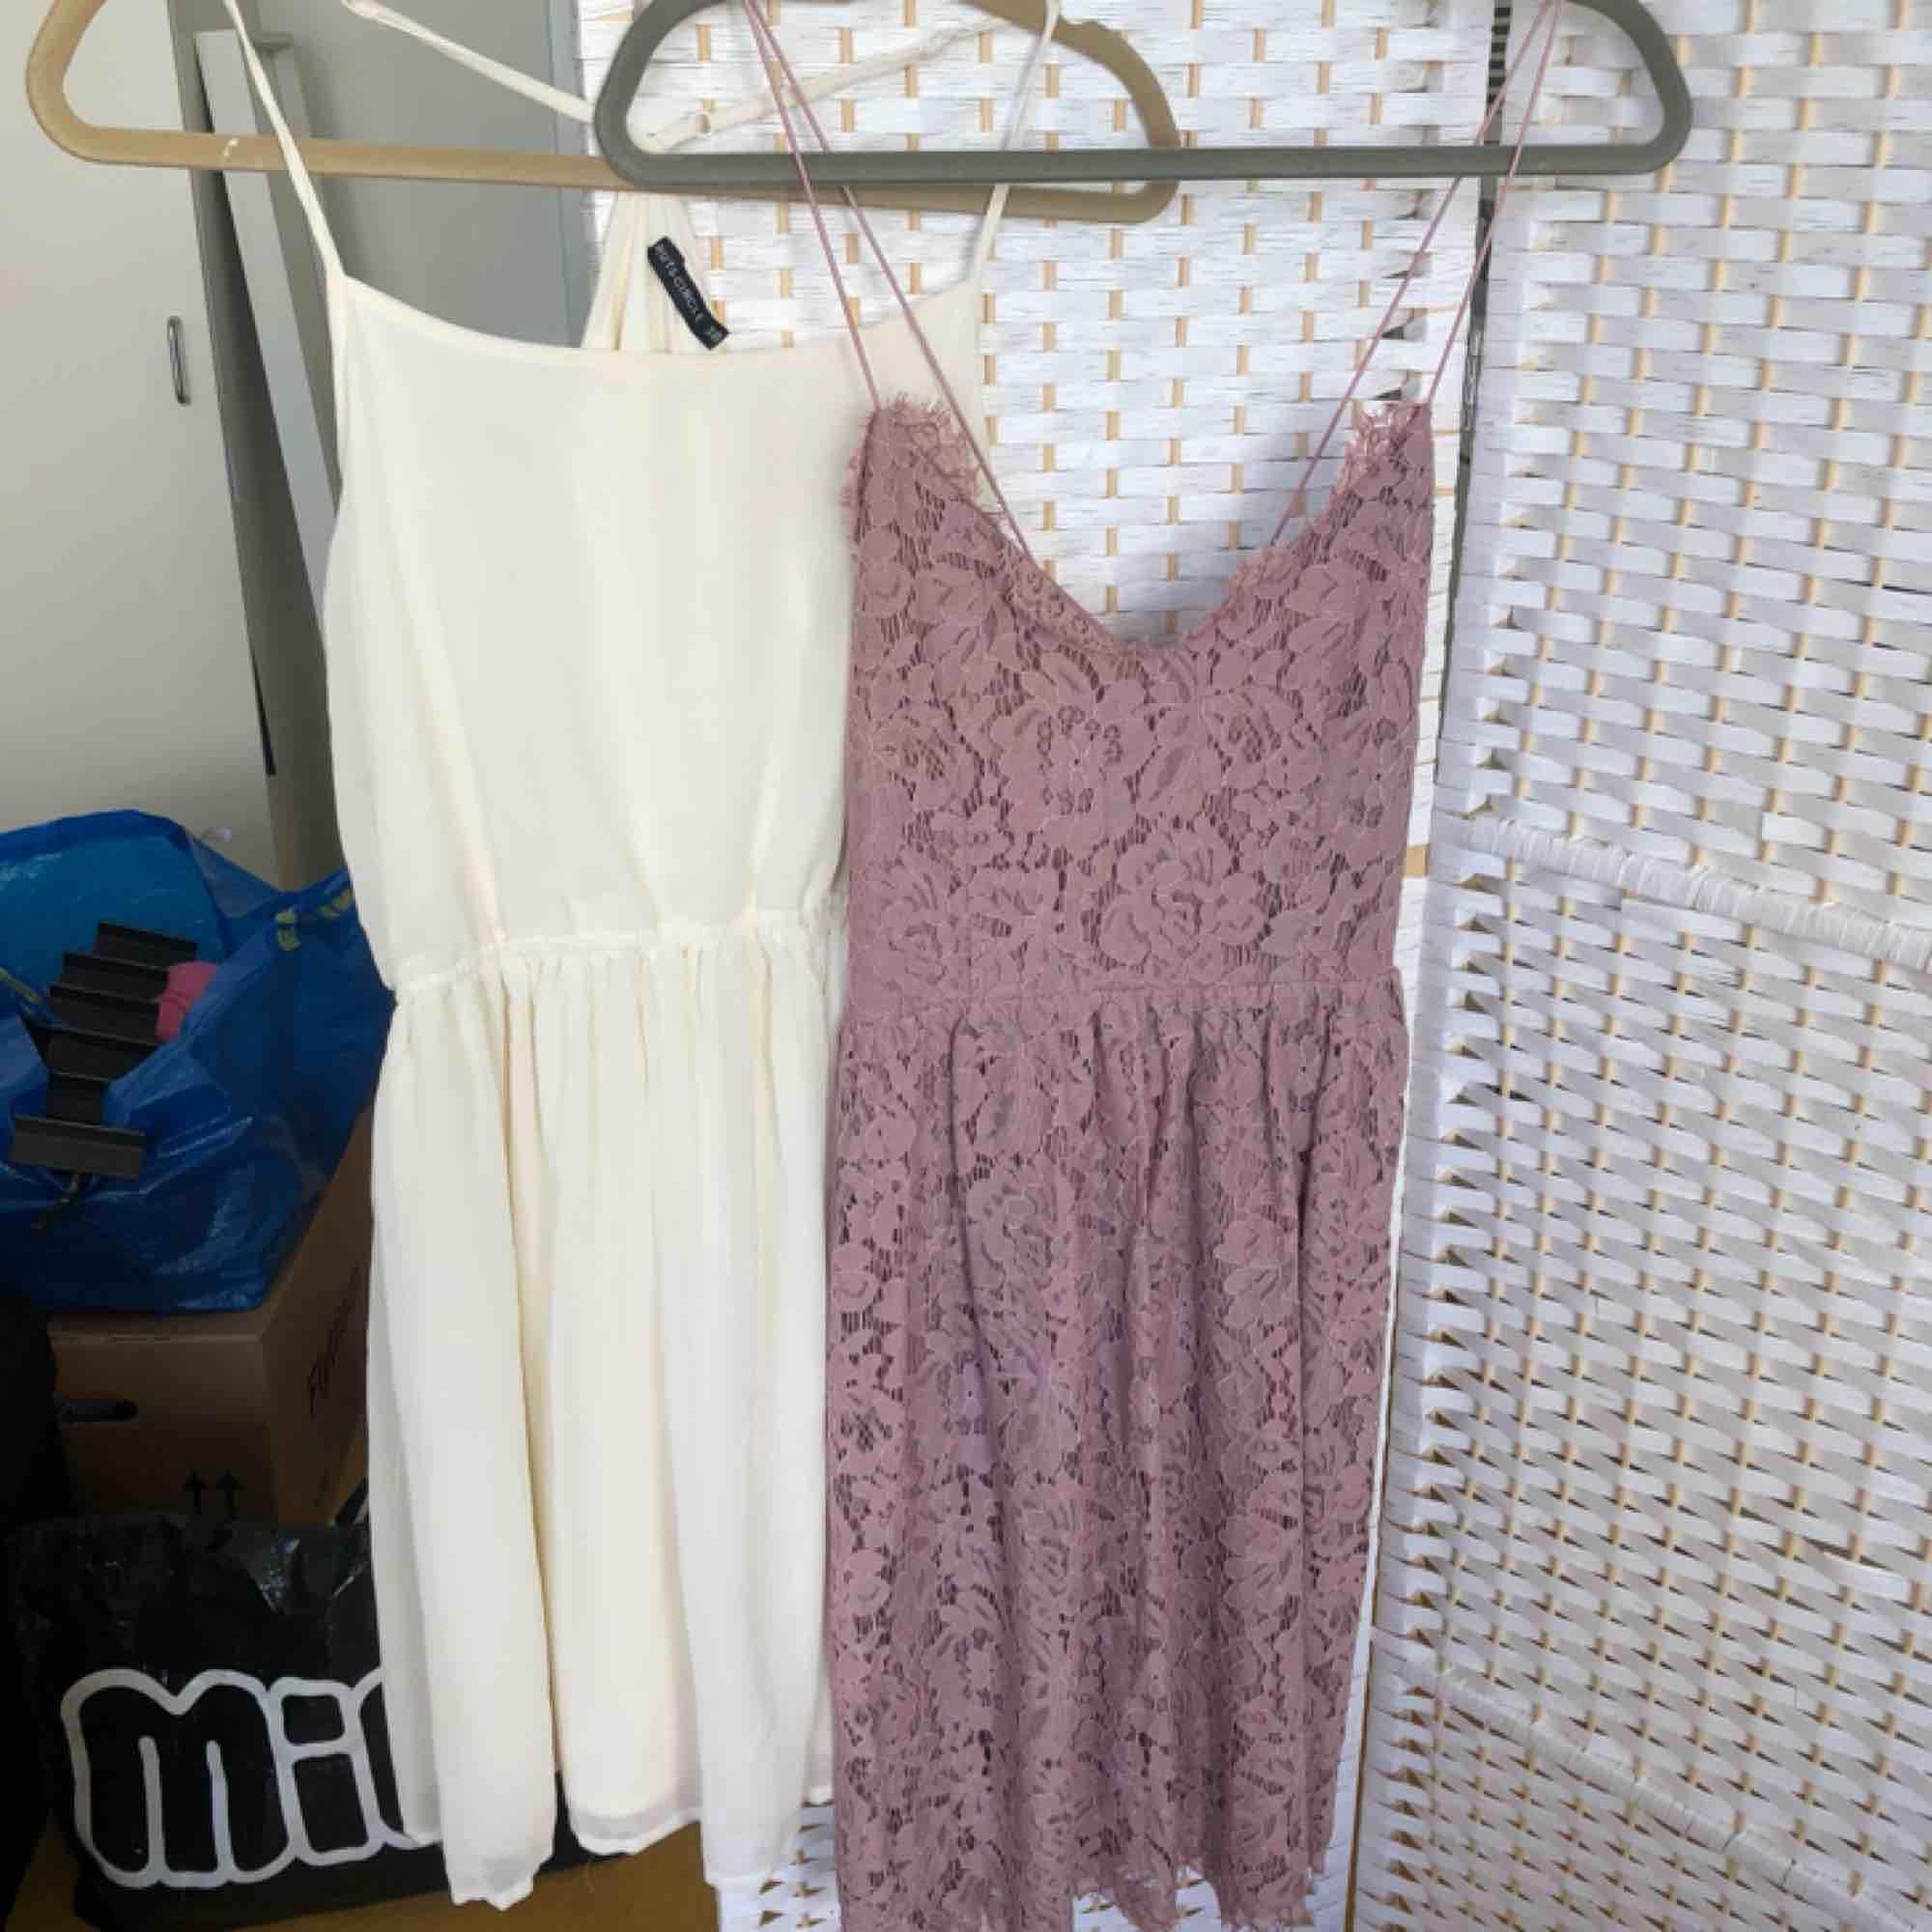 Vit/cremefärgad klänning från rut & circle: strl 38, 60kr Lila klänning från Nelly: strl 38, 100kr. Klänningar.